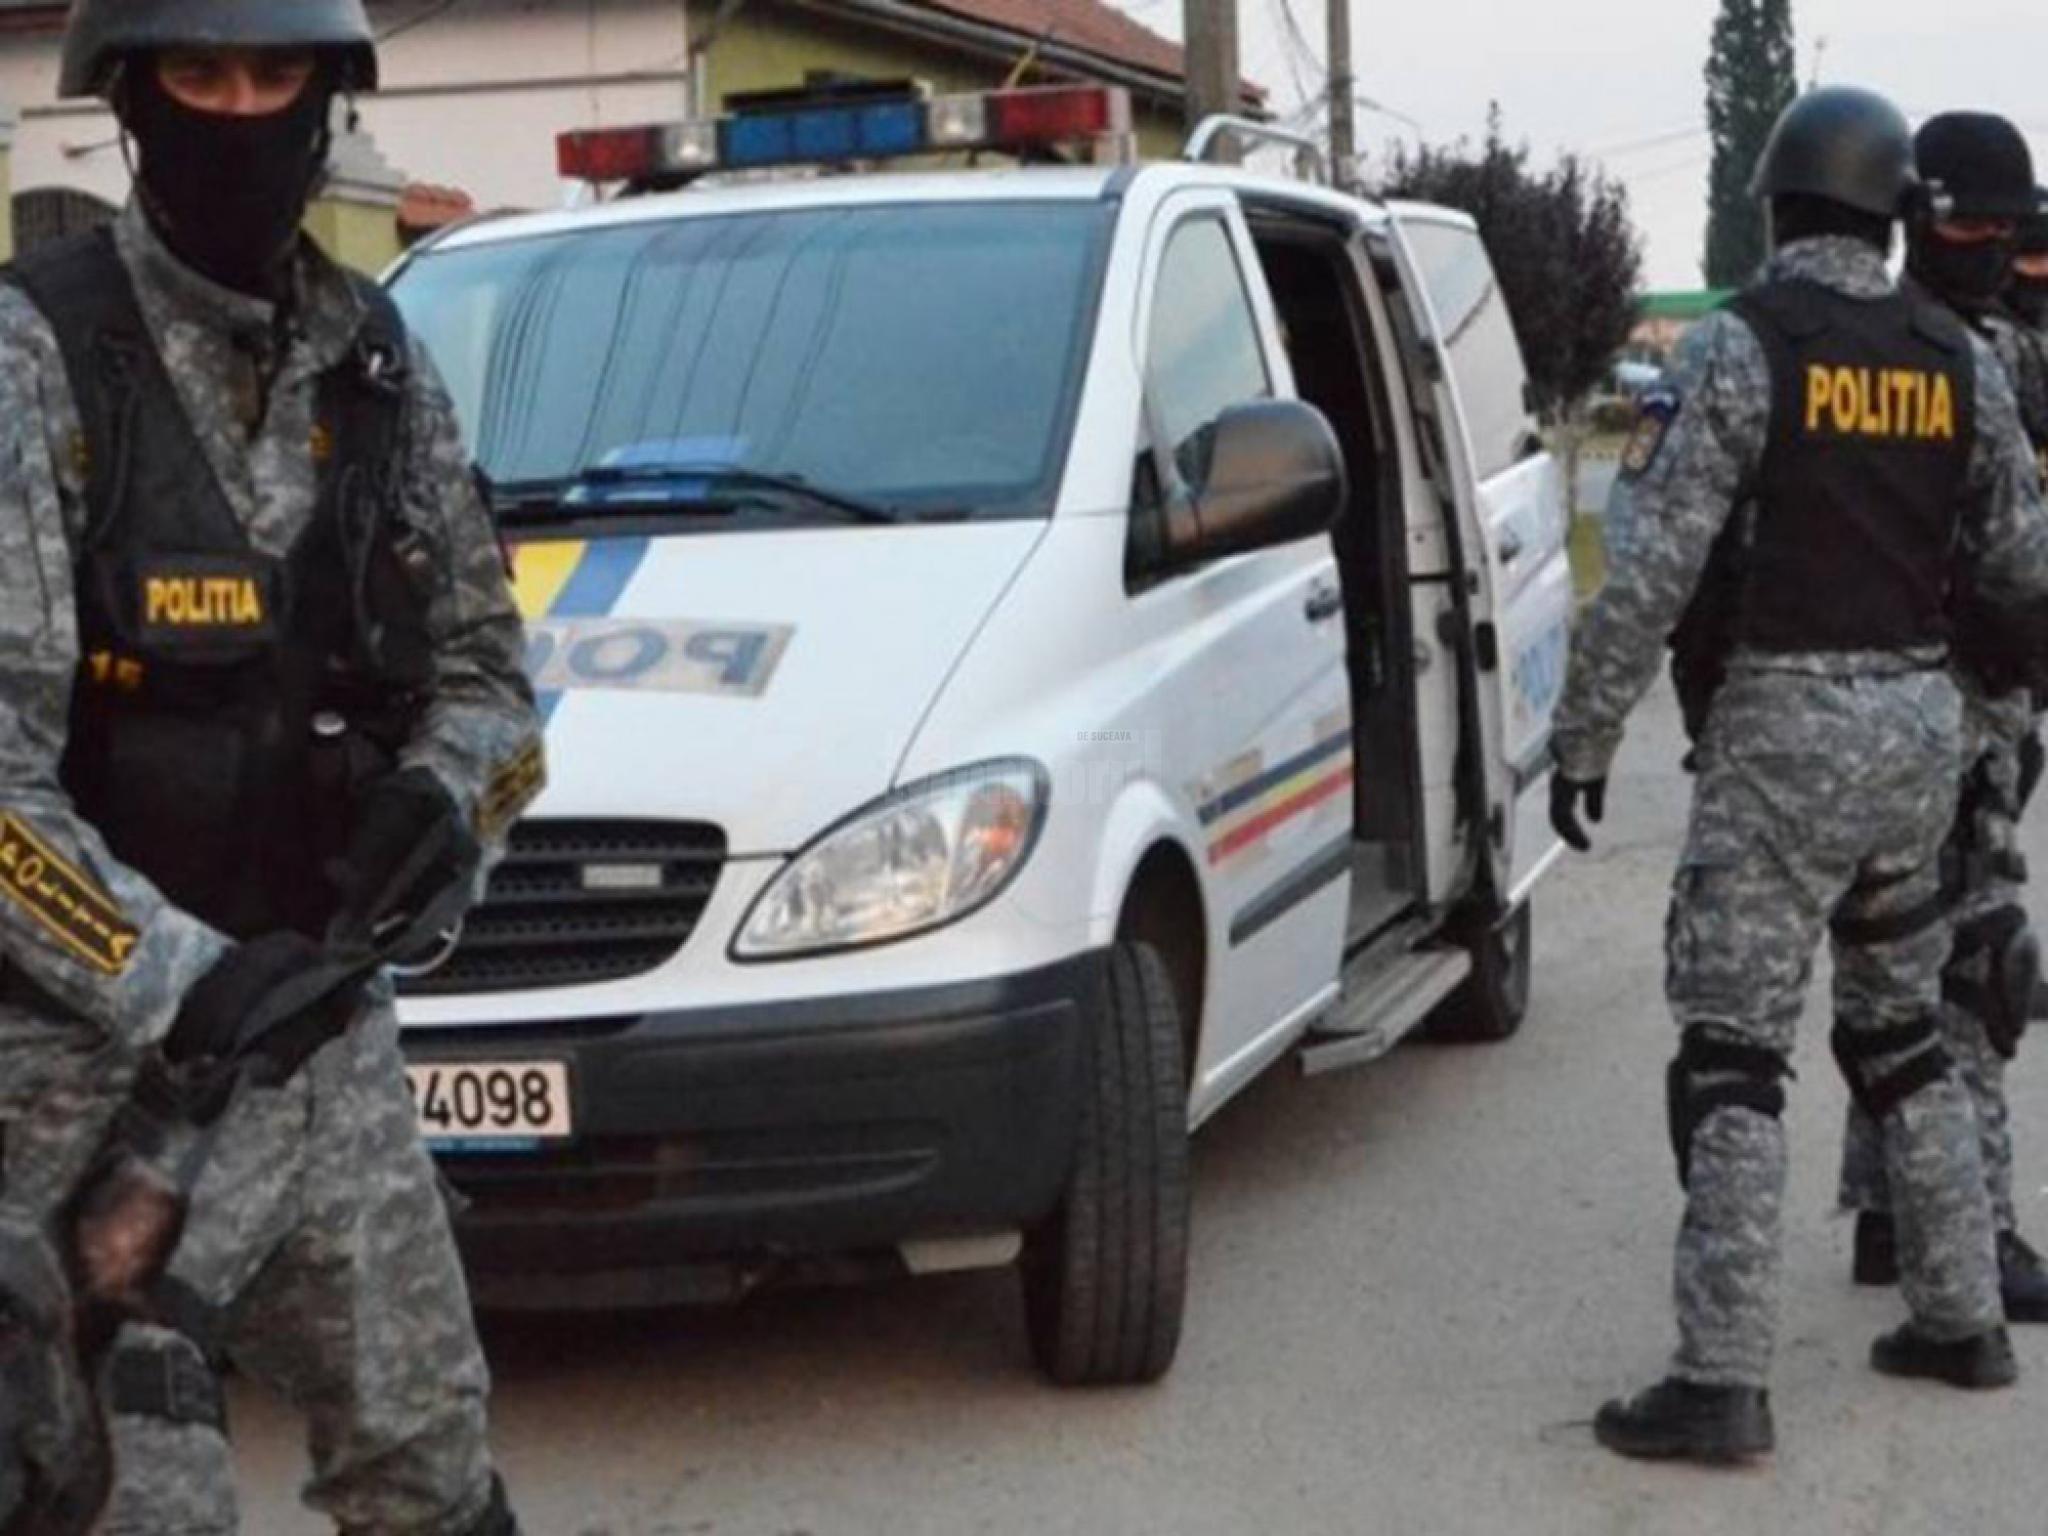 Sapte politisti de frontiera suceveni mana in mana cu contrabandistii de tigari